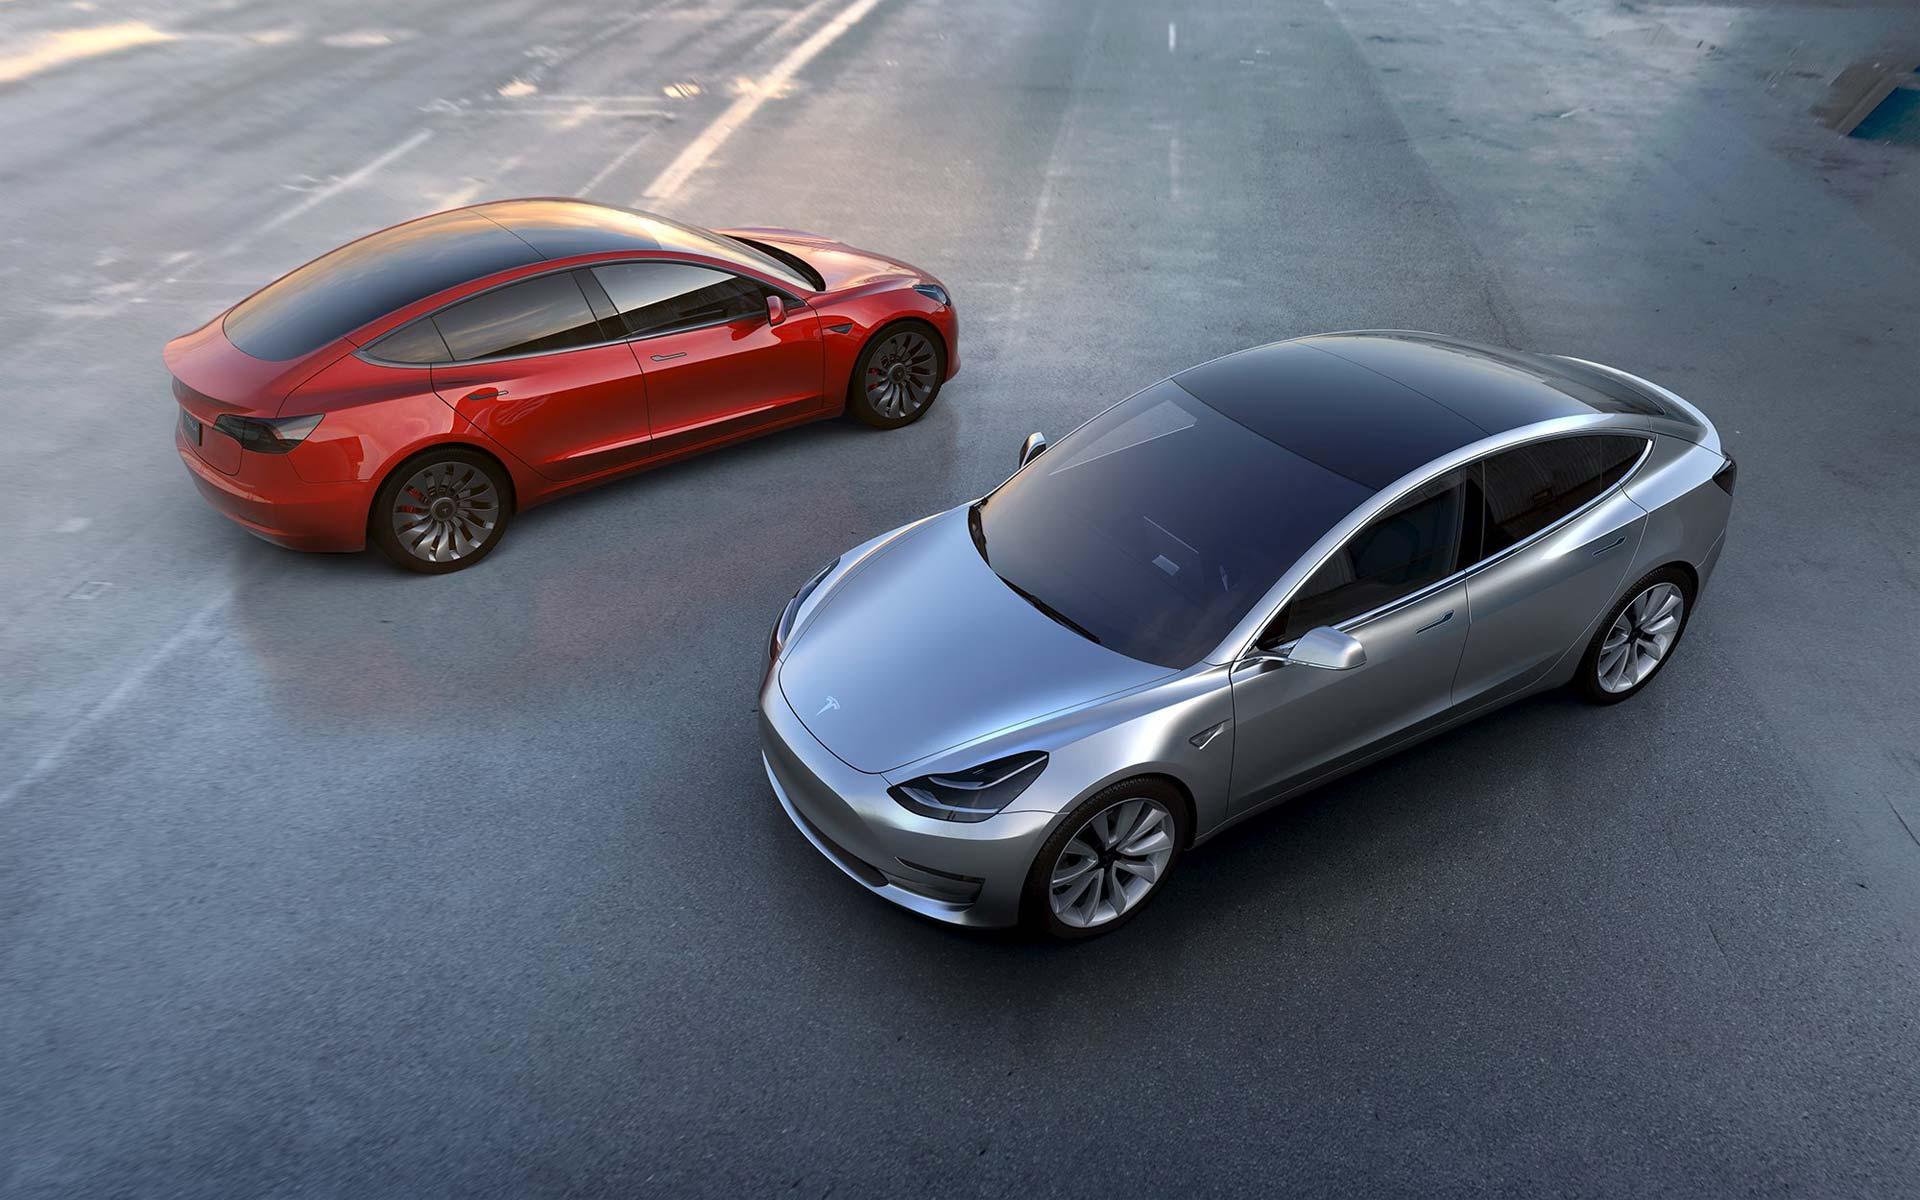 Tesla genera expectativa con nuevo carro